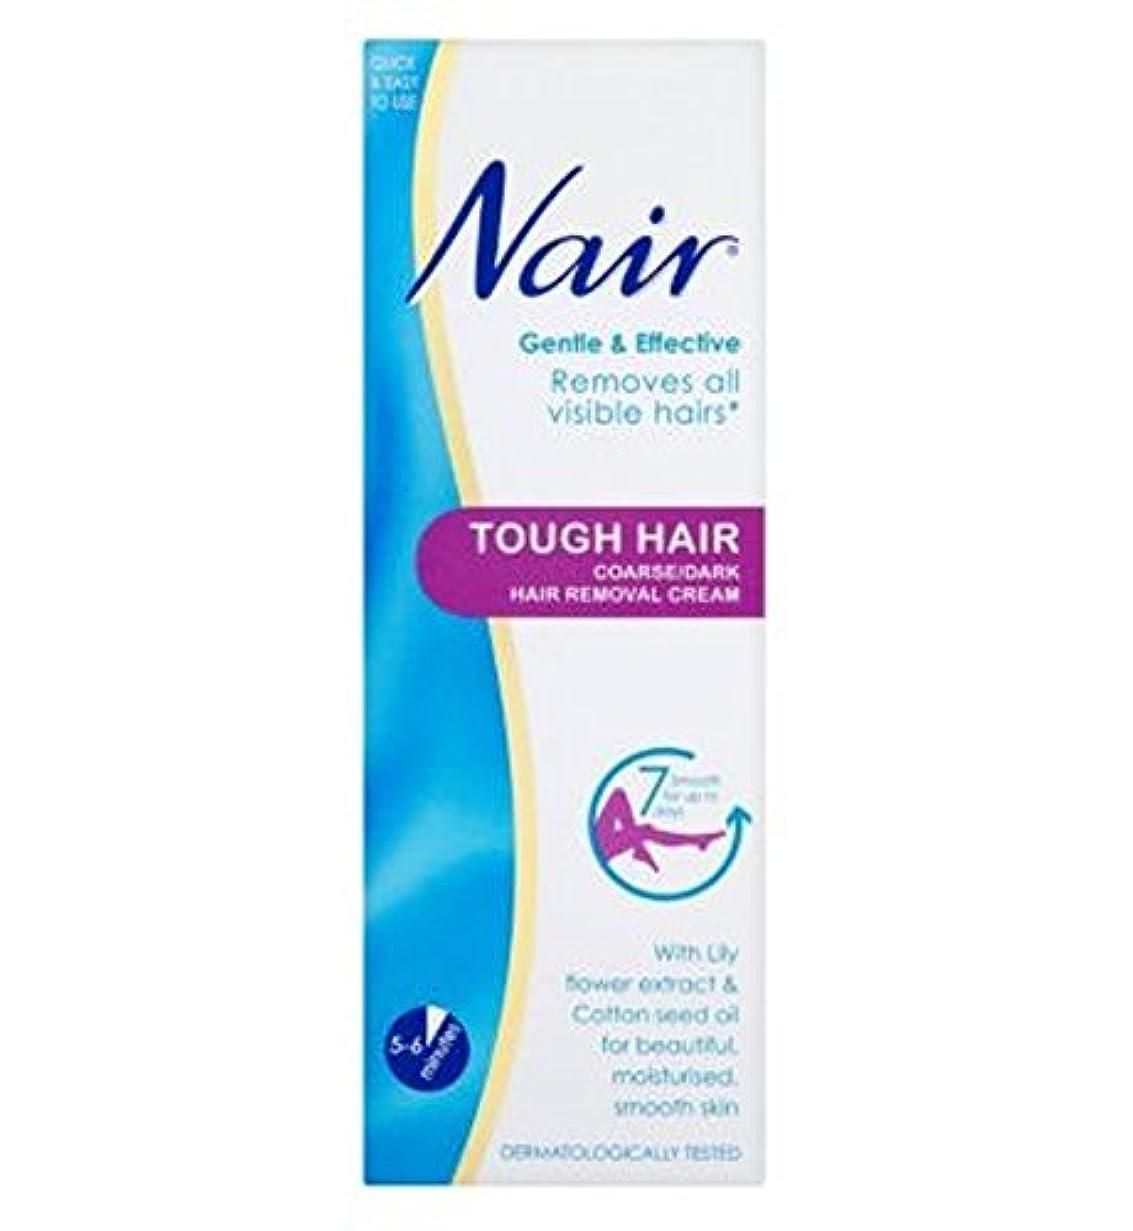 類人猿メタルライン雰囲気ナイールタフな毛脱毛クリーム200ミリリットル (Nair) (x2) - Nair Tough Hair Hair Removal Cream 200ml (Pack of 2) [並行輸入品]